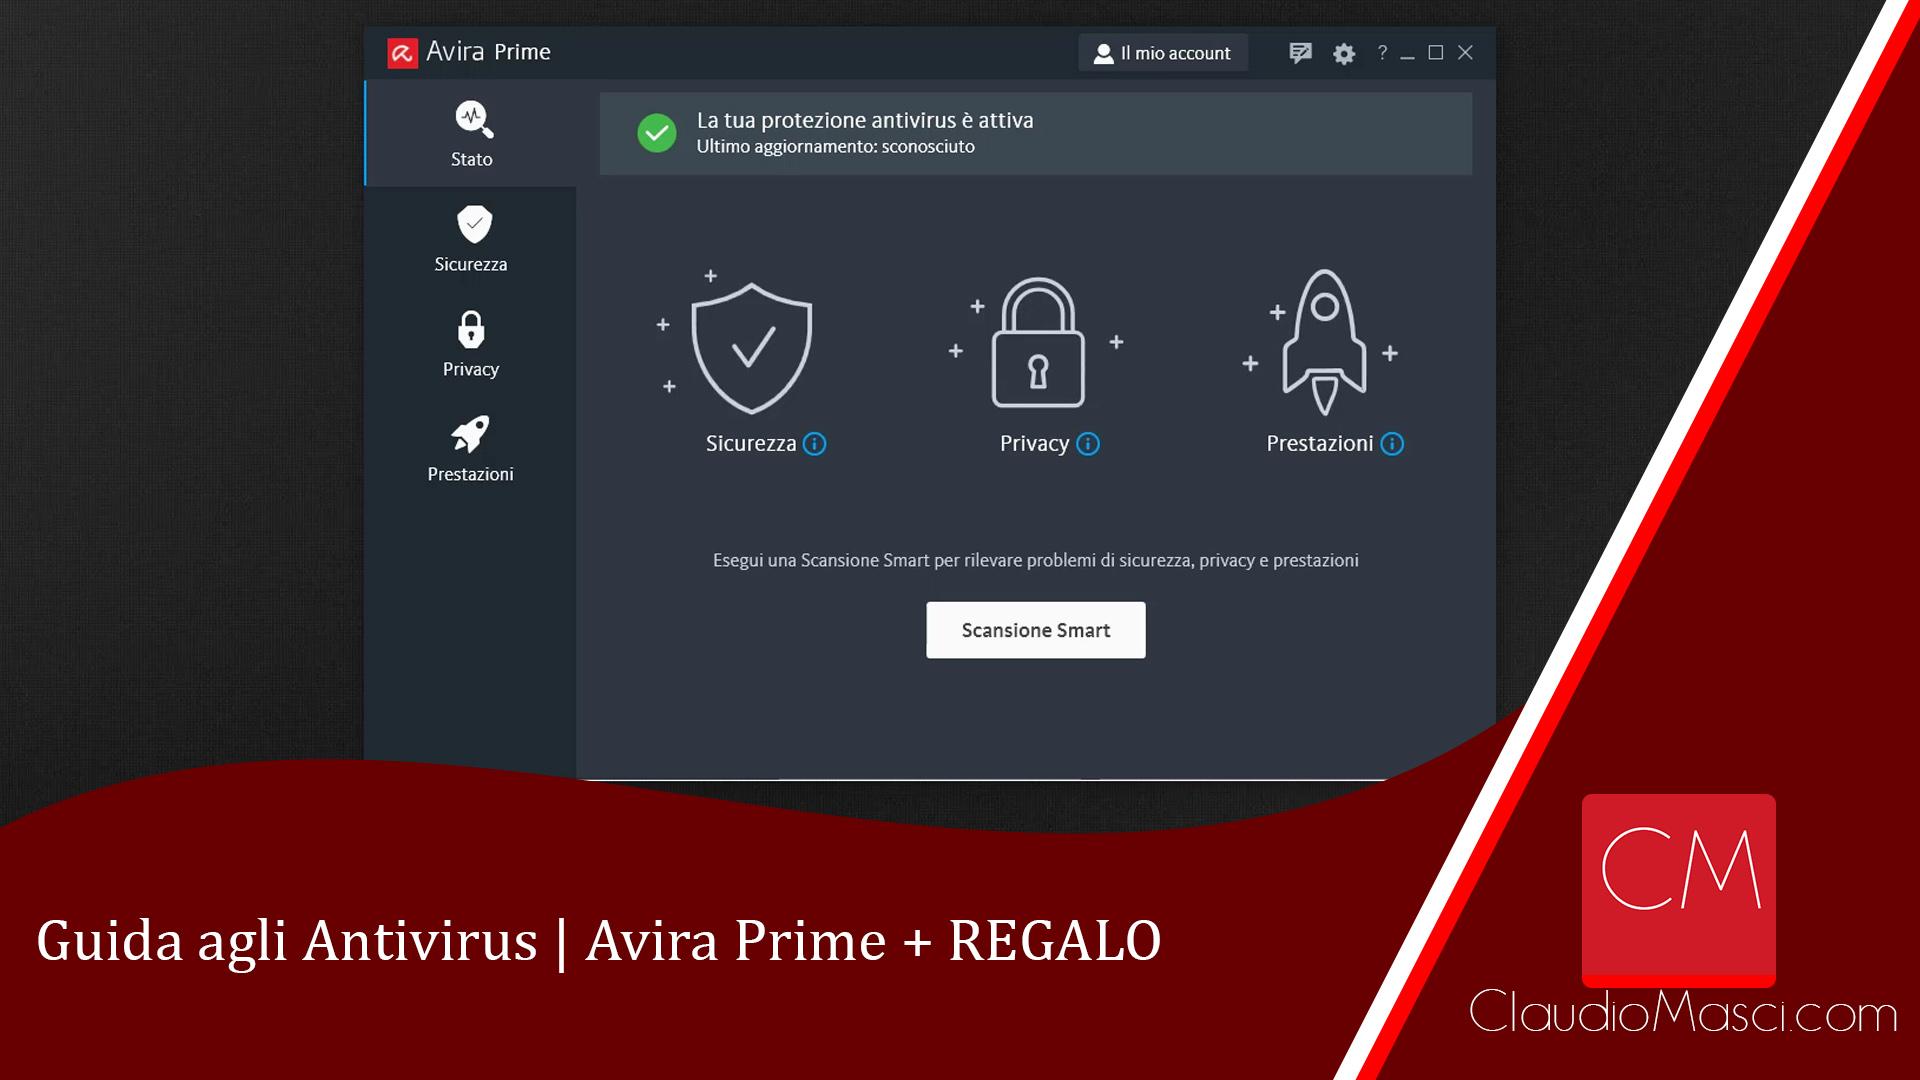 Guida agli Antivirus – Avira Prime + REGALO